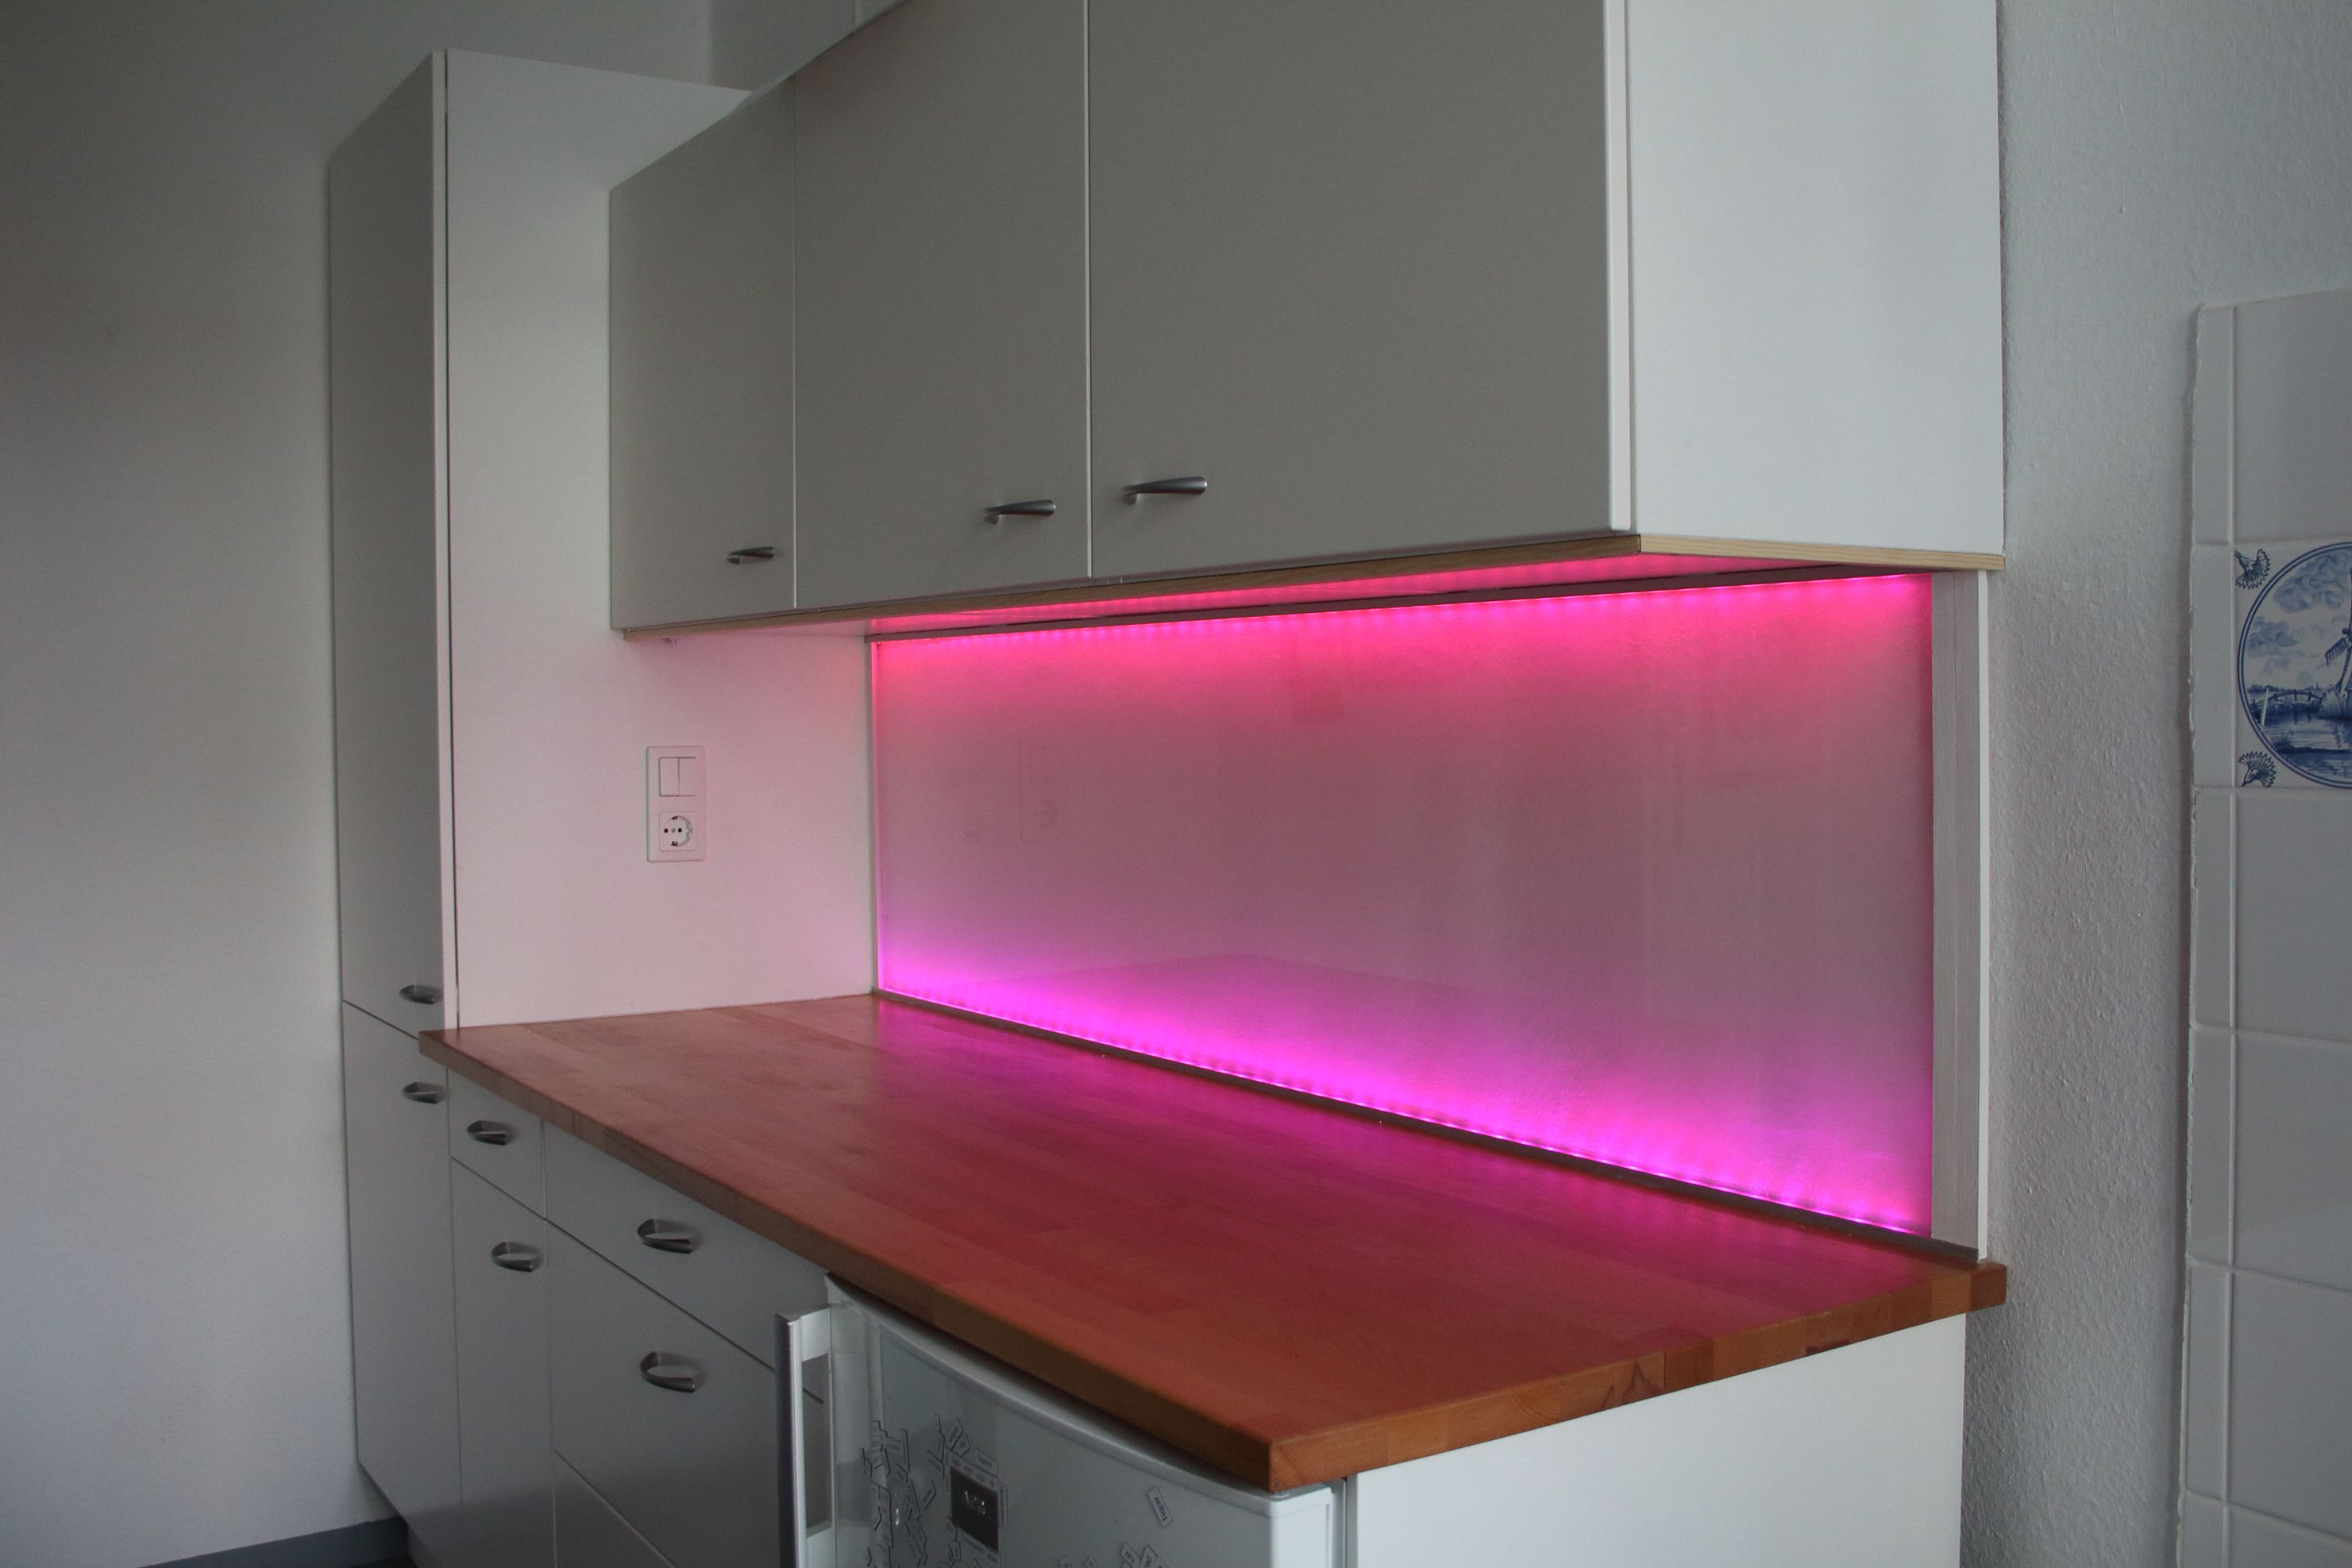 Acrylglas Küchenrückwand Preis | Spritzschutz Küche 60x30 3 ...